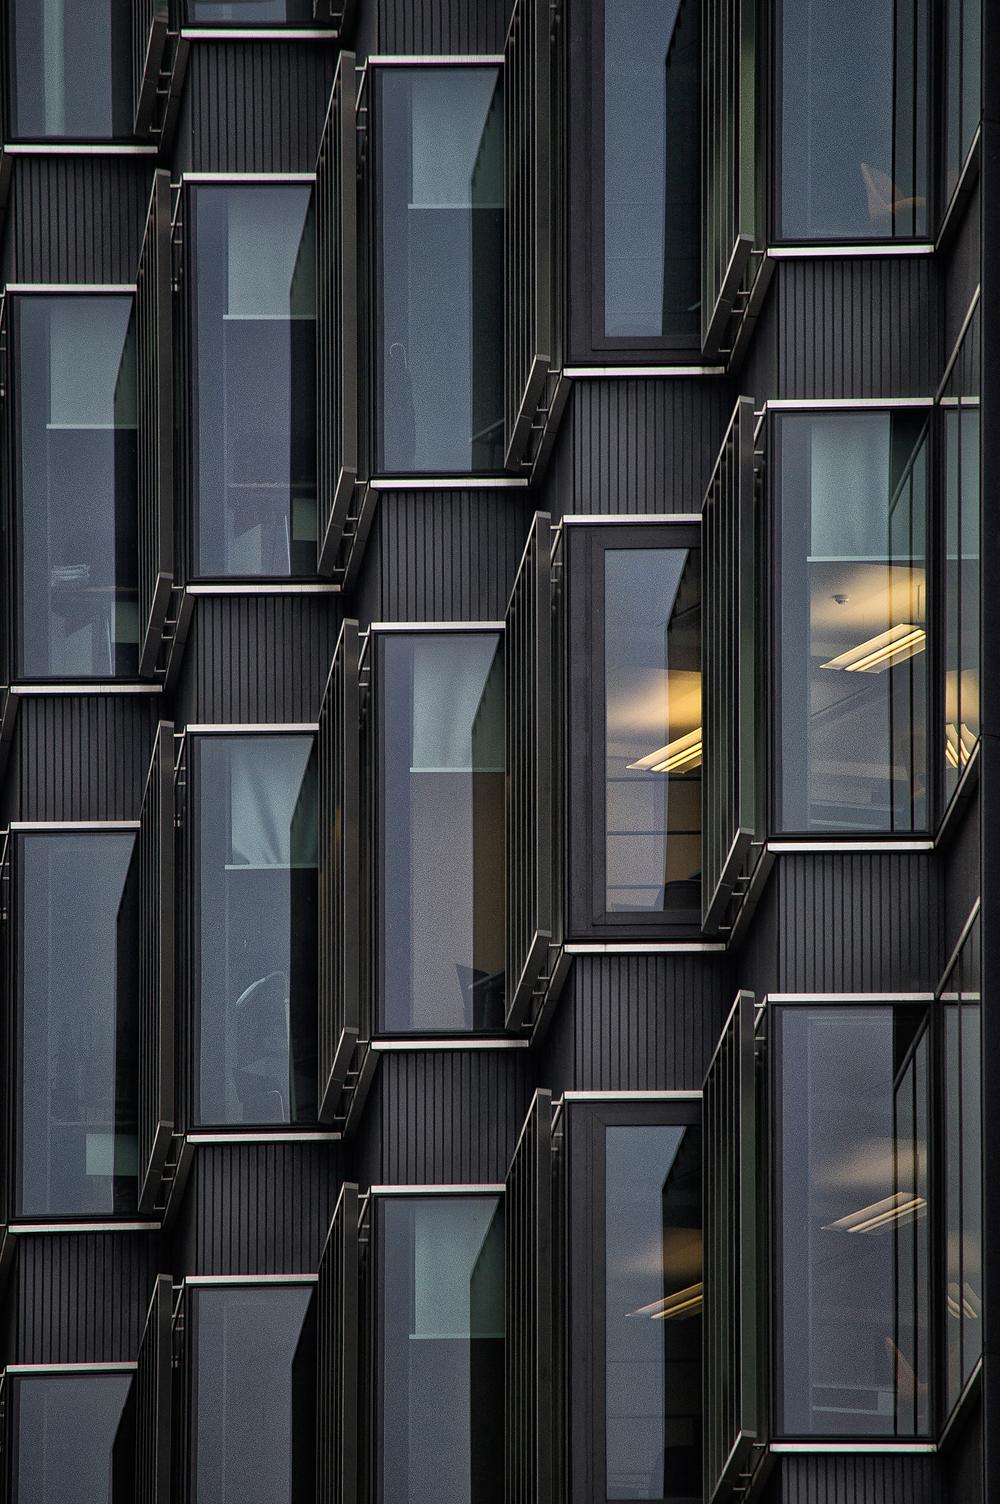 Dark architectures